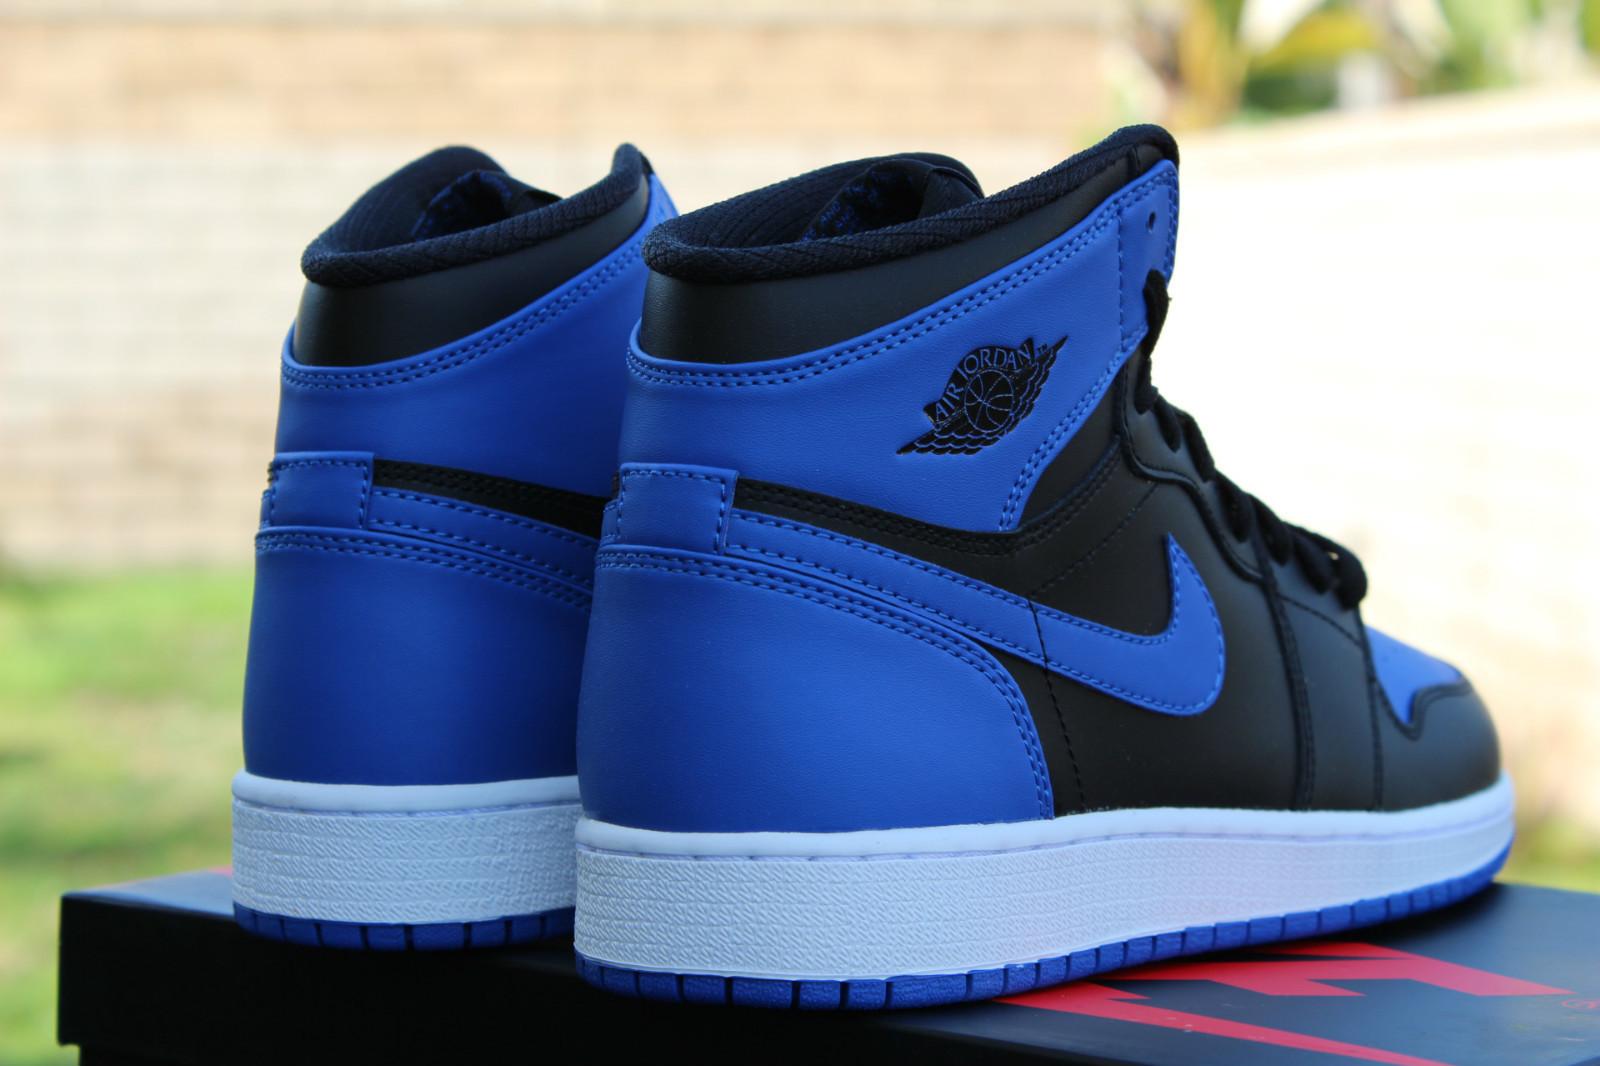 air jordan 1 retro high og gs black royal blue. Black Bedroom Furniture Sets. Home Design Ideas